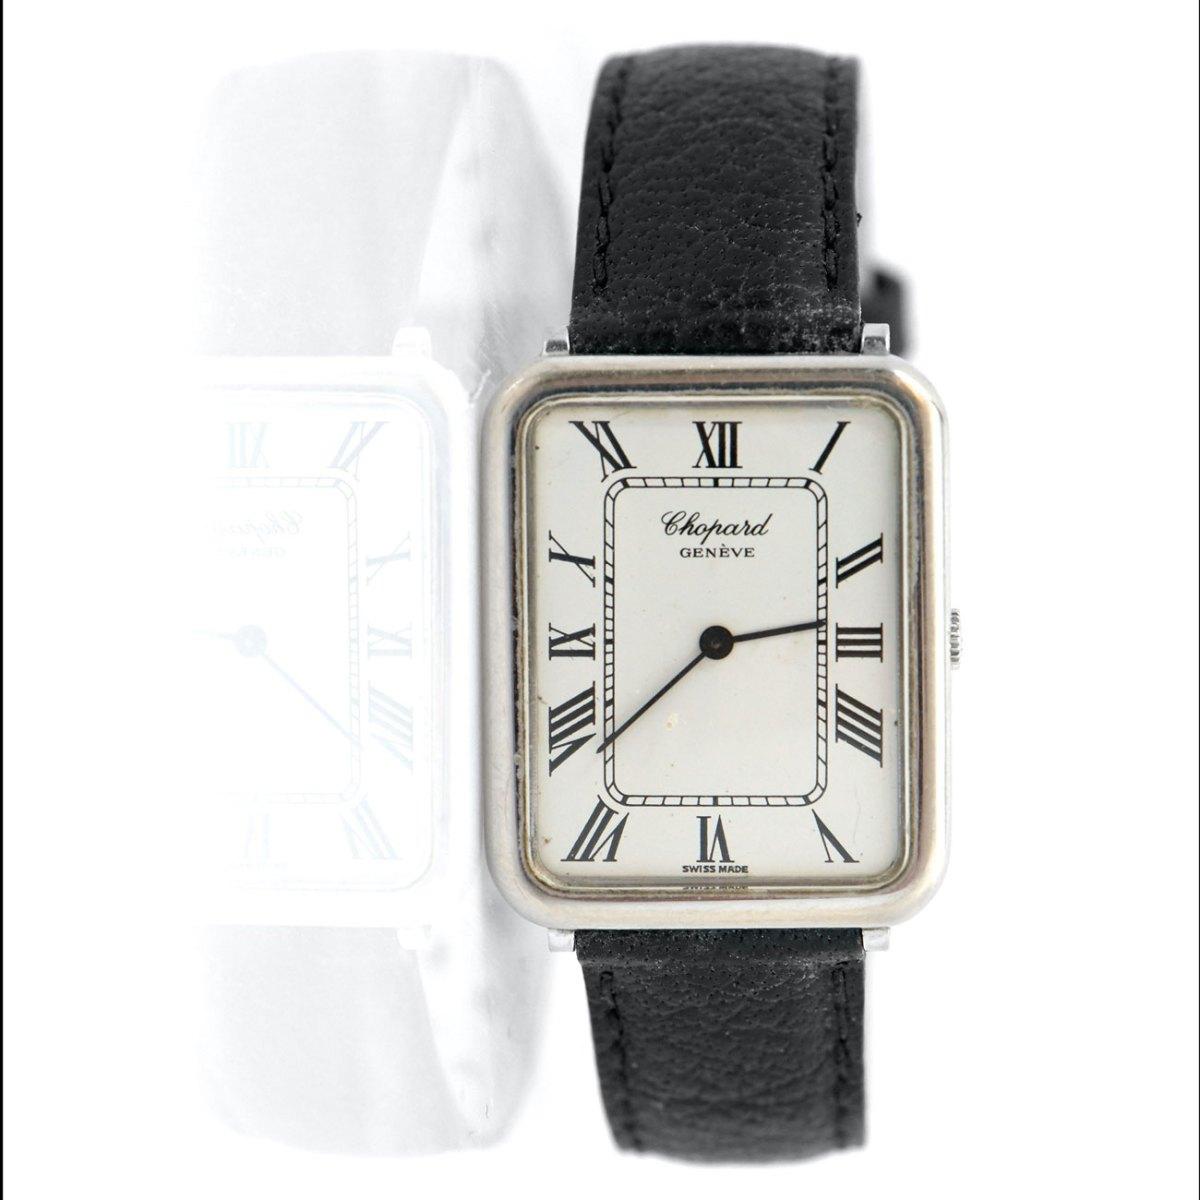 Montre CHOPARD OR blanc 750 ‰, mouvement mécanique | EVENOR Joaillerie • Montres de grandes marques Vintage | Réf. MO-B18635